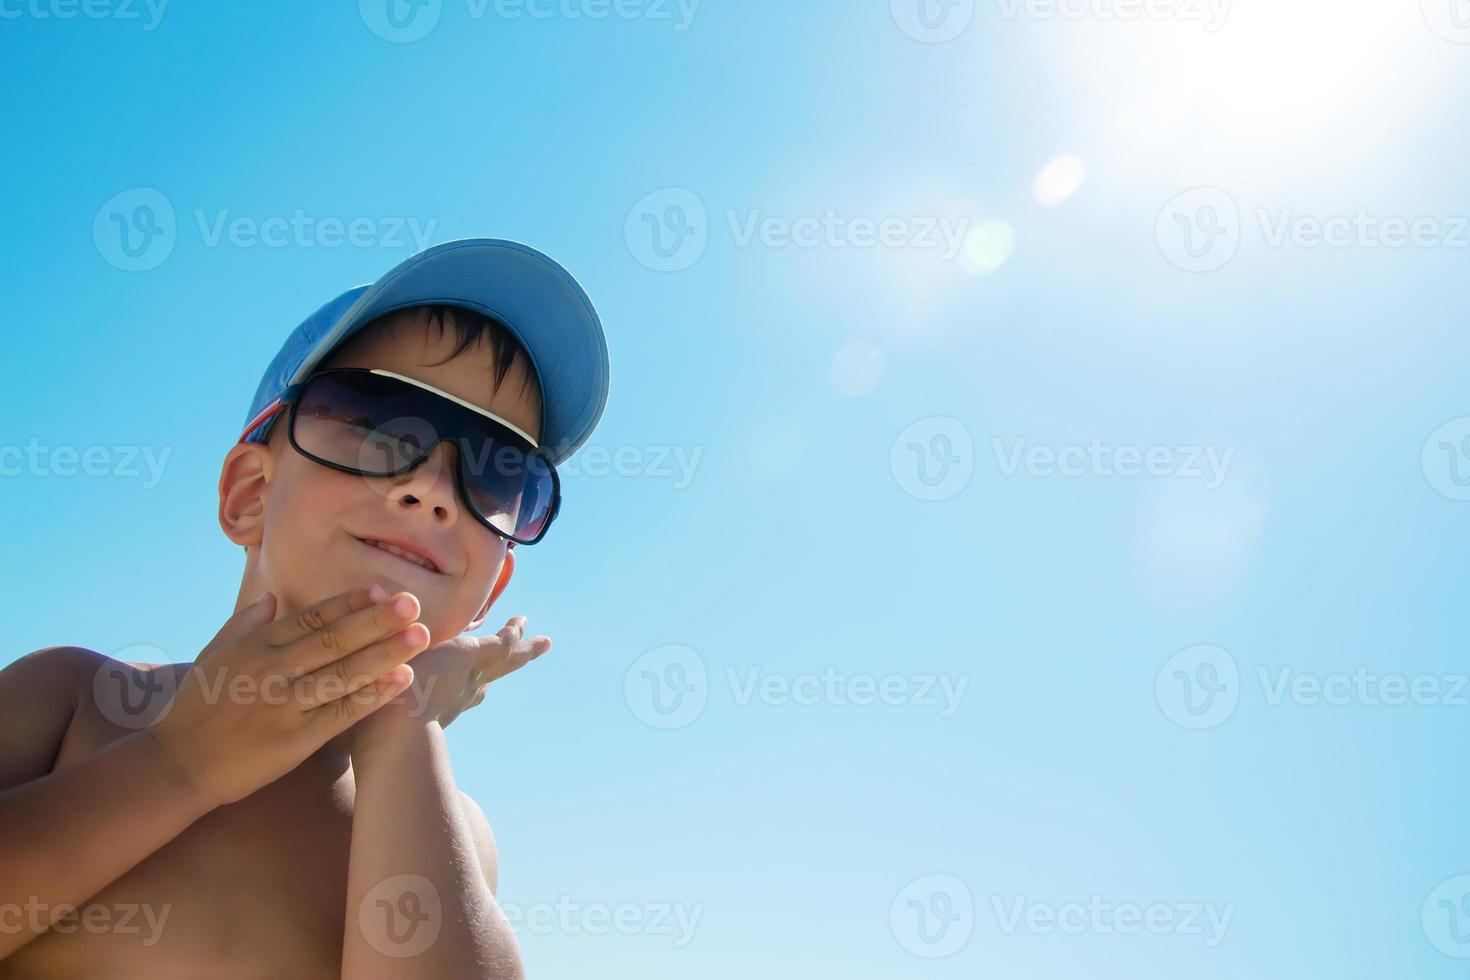 bel bambino che indossa il berretto blu sulla spiaggia foto